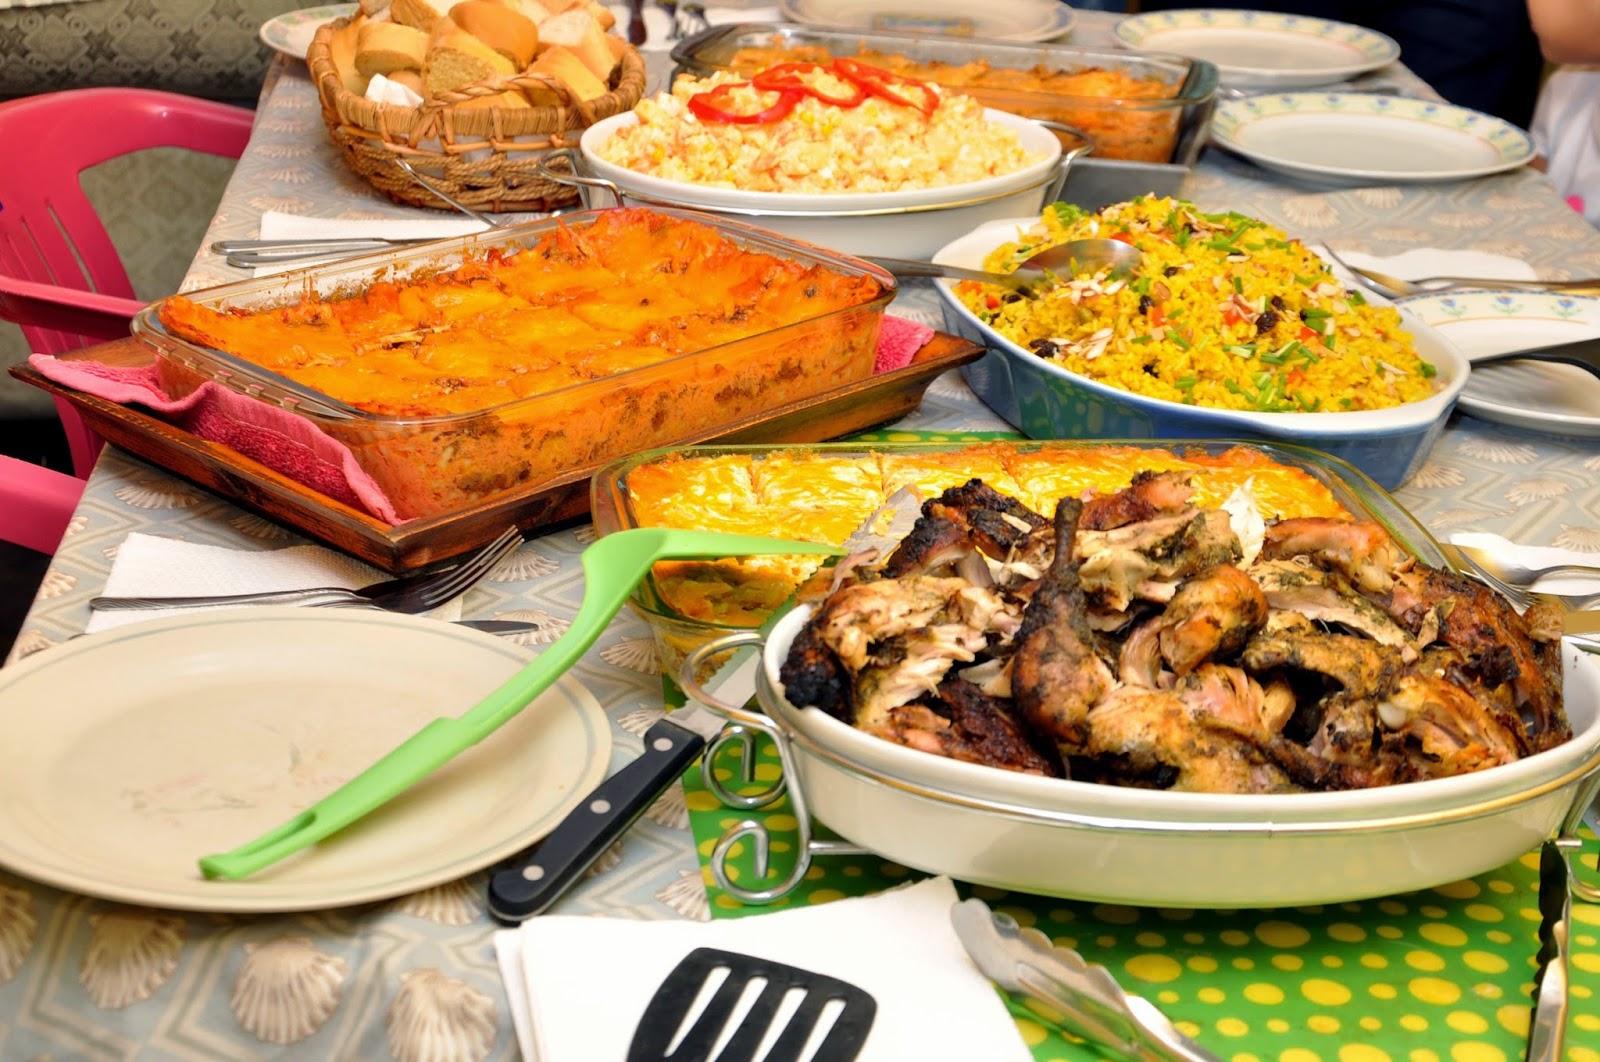 El costo de la cena de Nochebuena varía de acuerdo con los ingredientes.